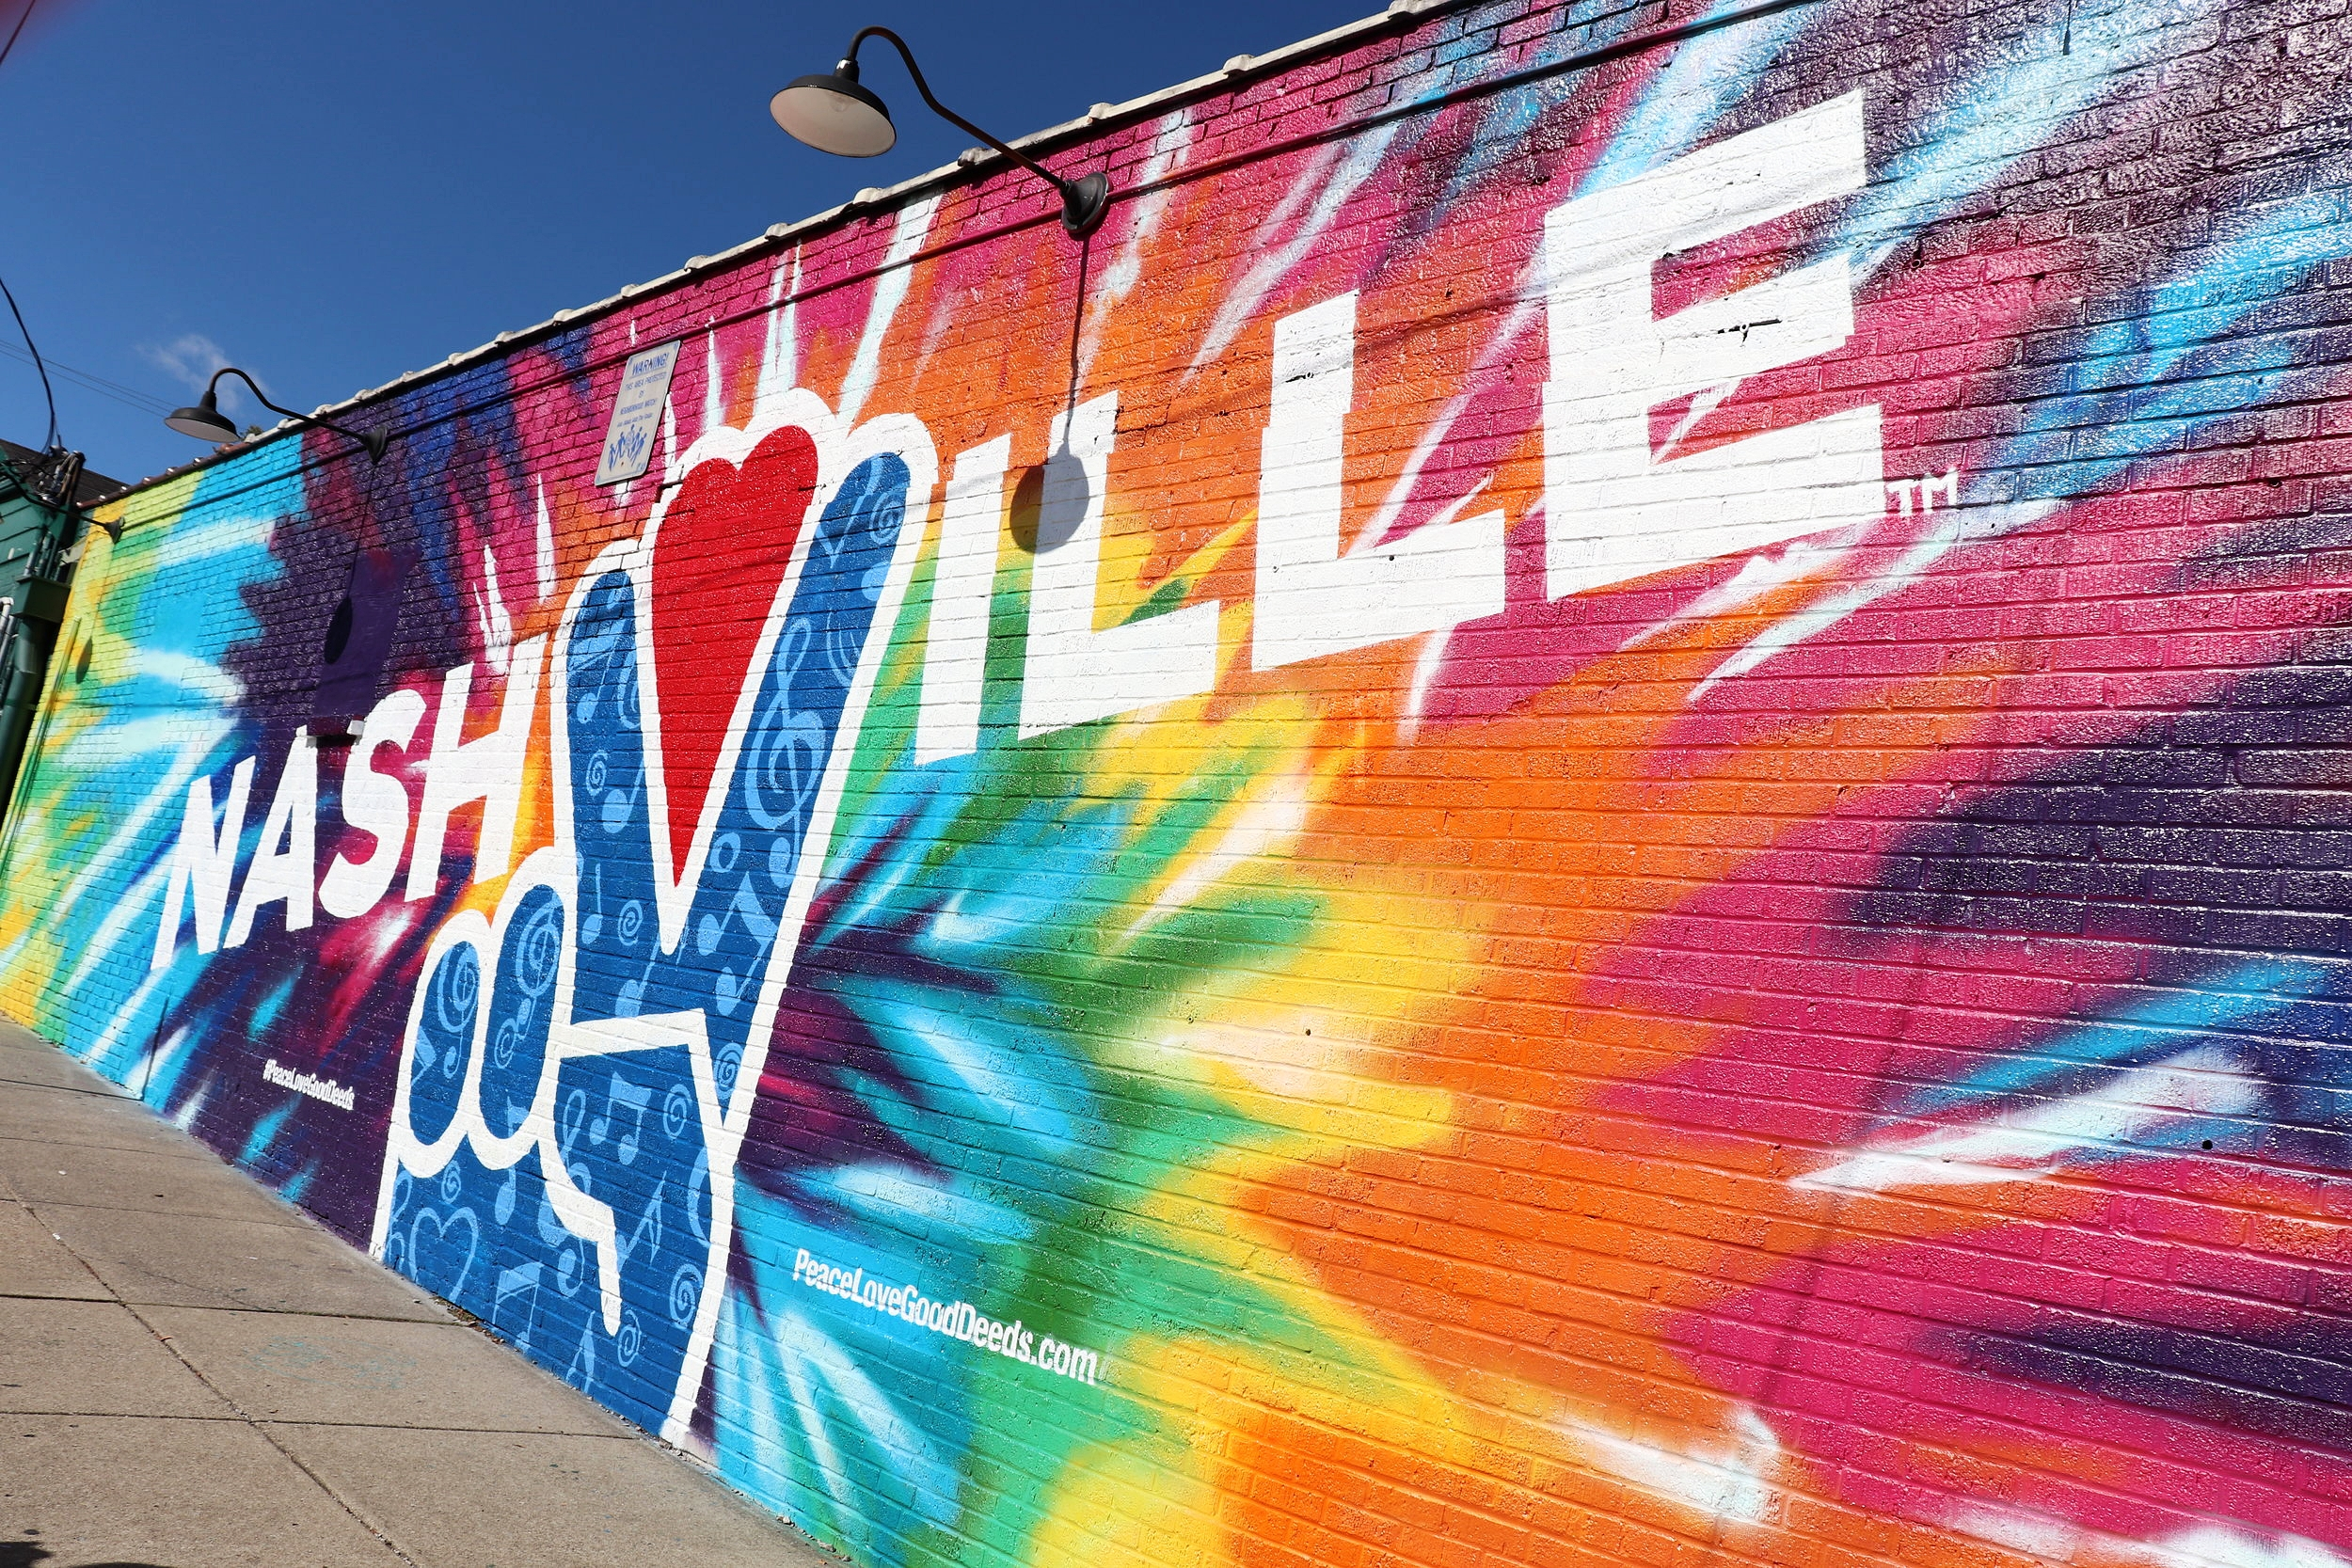 12 South Mural